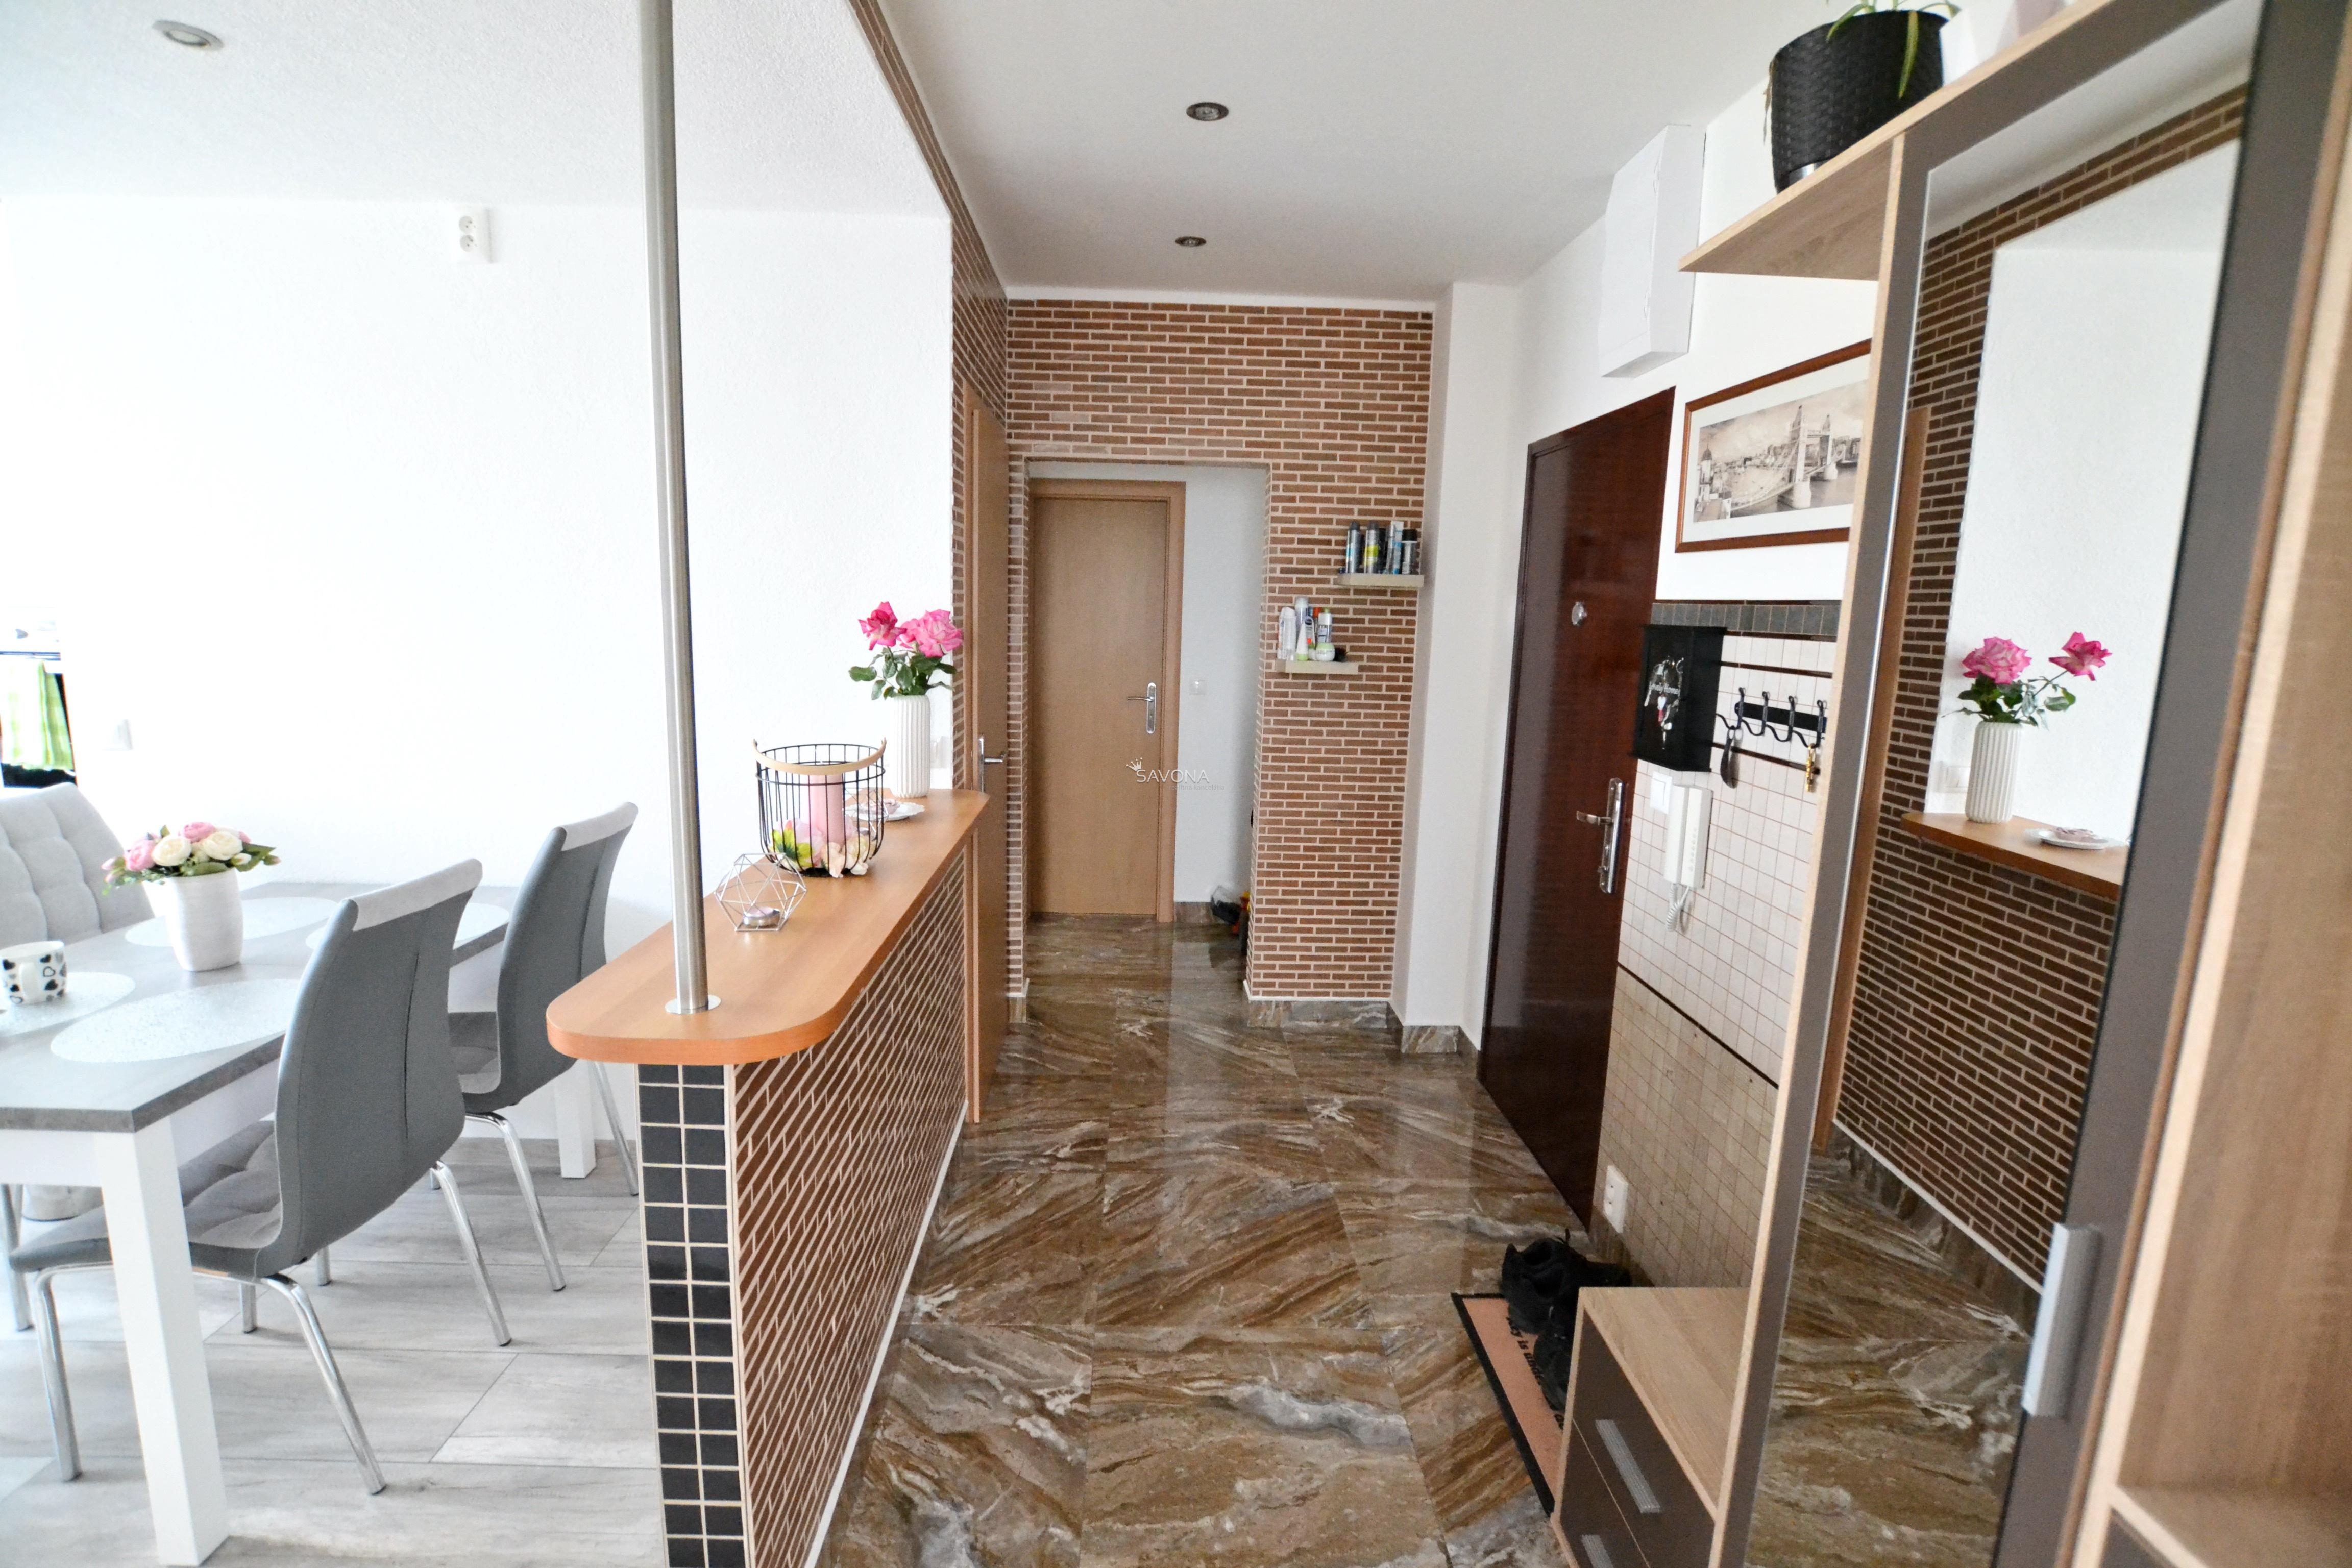 PREDANÝ - 3-izbový byt, s balkónom, po rekonštrukcii, zariadený, Poprad